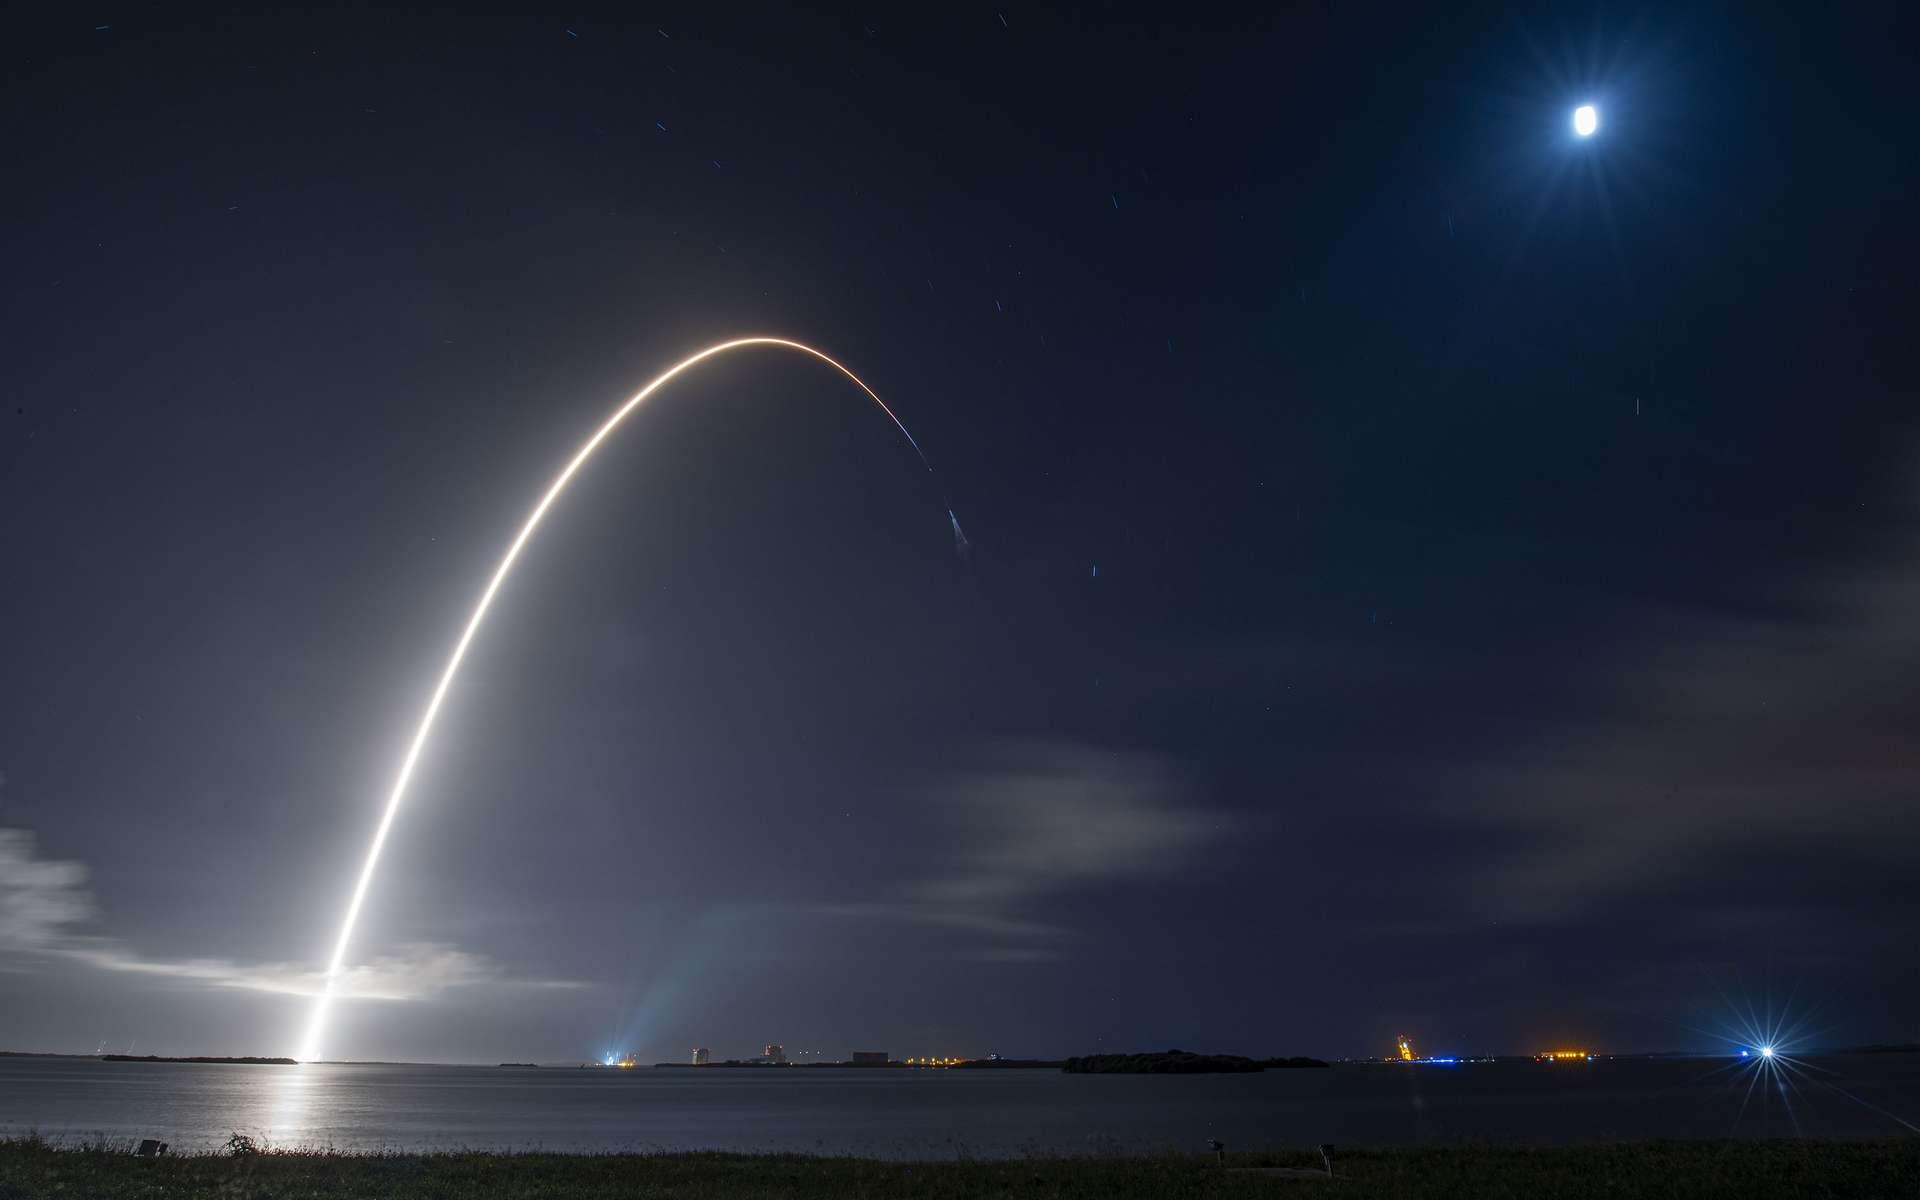 suivez le décollage de la première mission spatiale de l'histoire uniquement composée de touristes